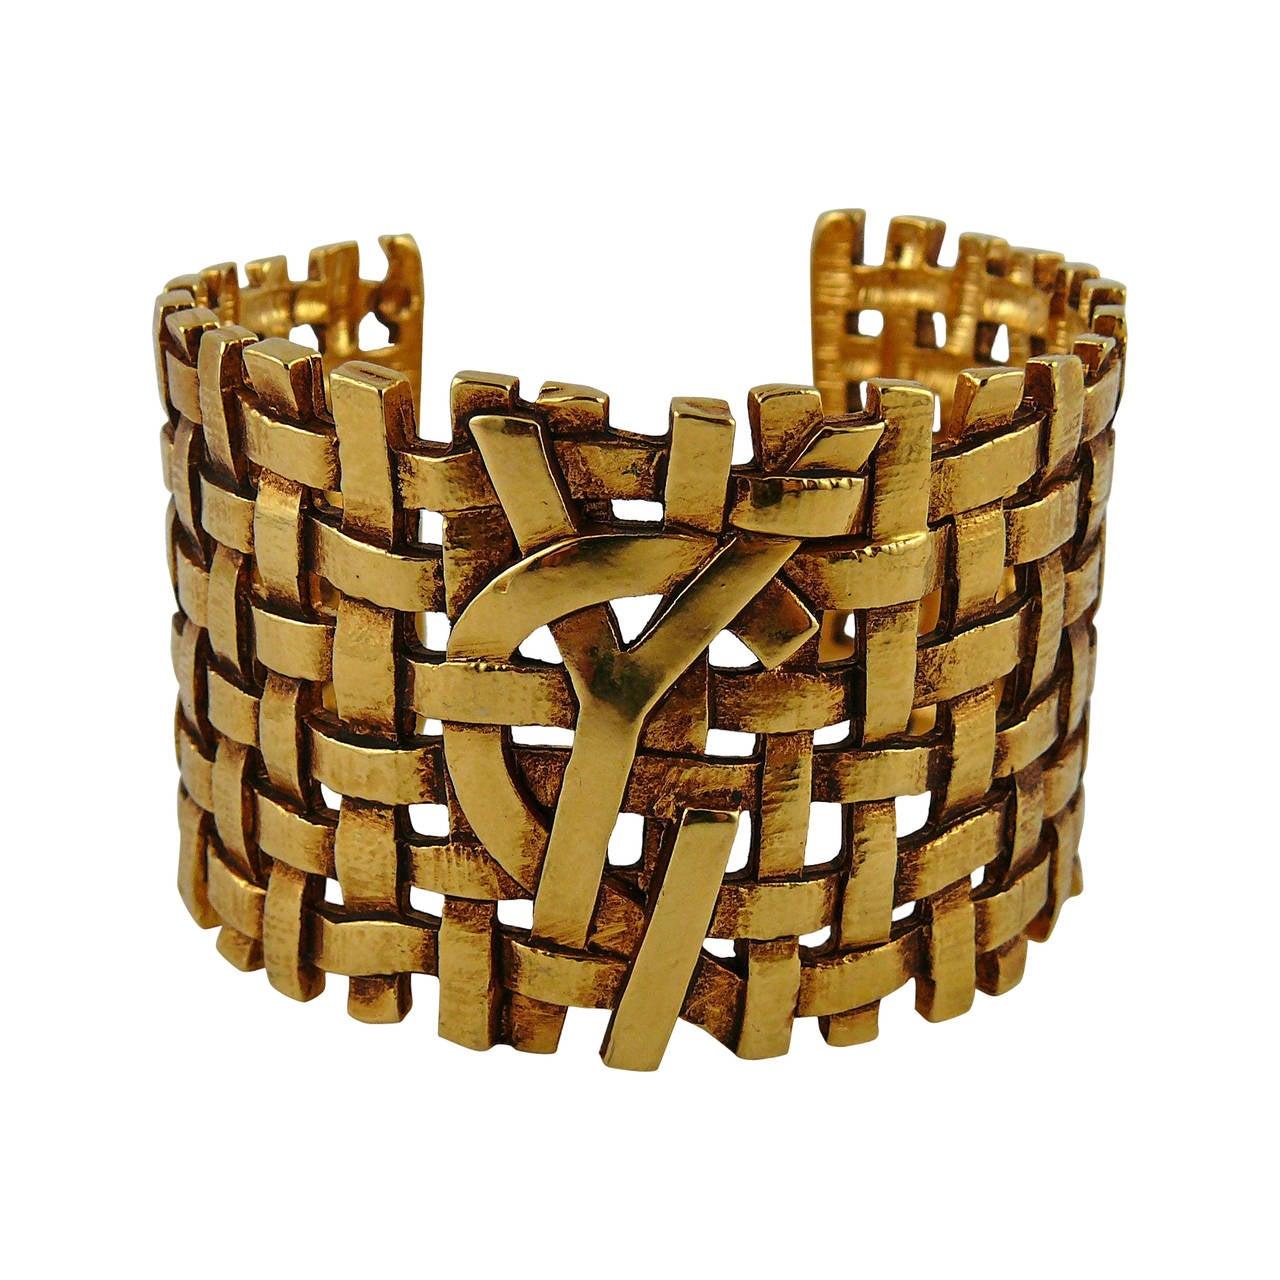 Yves Saint Laurent YSL Vintage Woven Cuff Bracelet 1